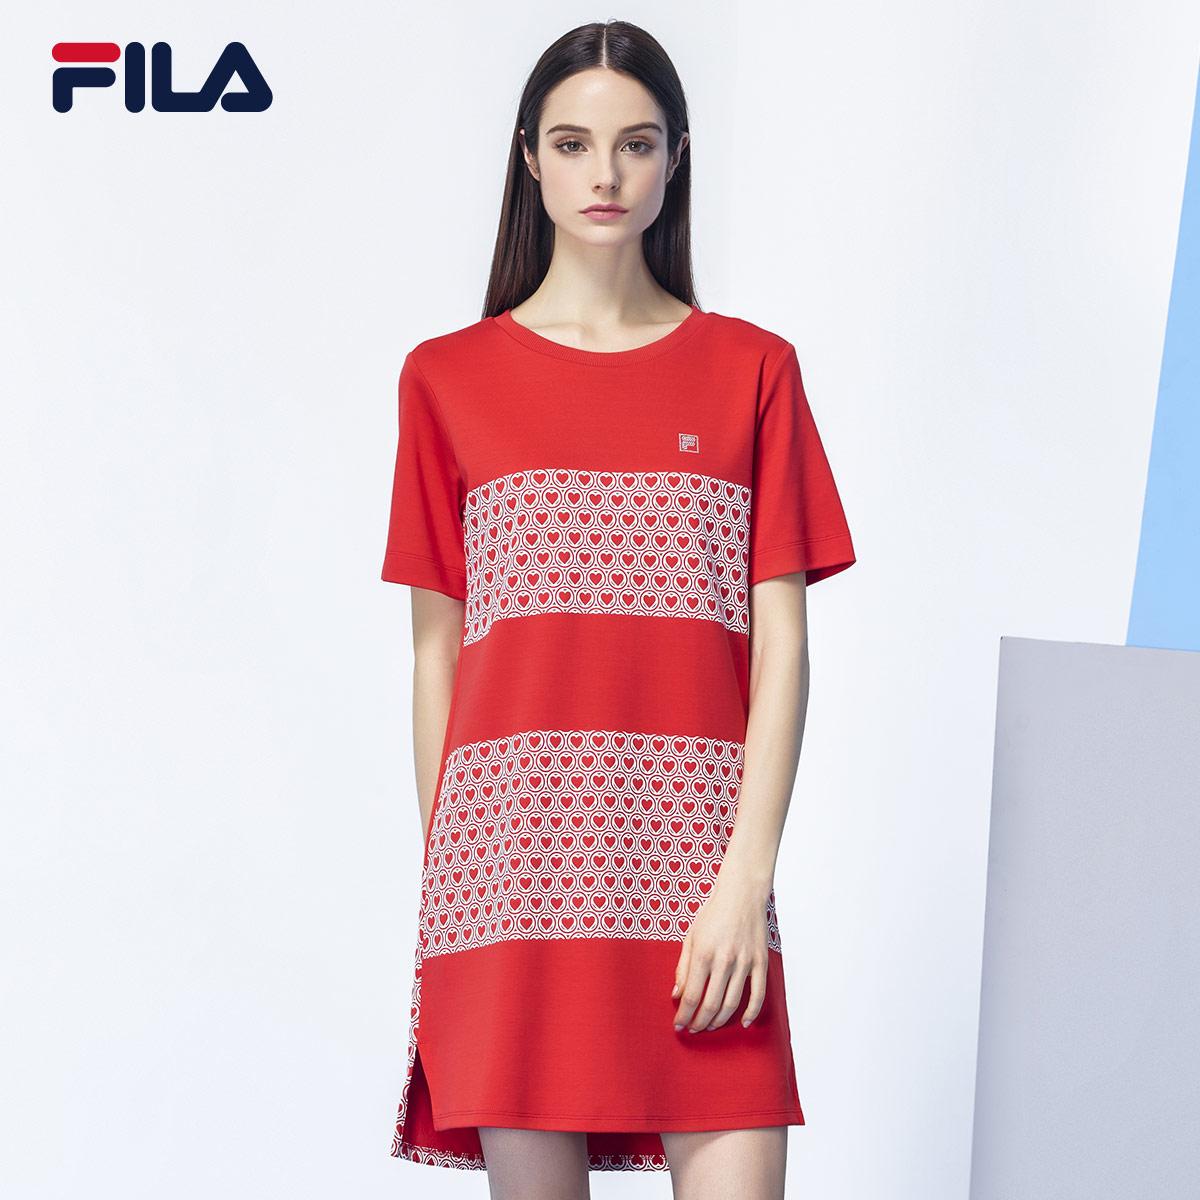 Fila Fila của phụ nữ ăn mặc mùa xuân mới bông thể thao ngắn tay áo đầm nữ | 26733210